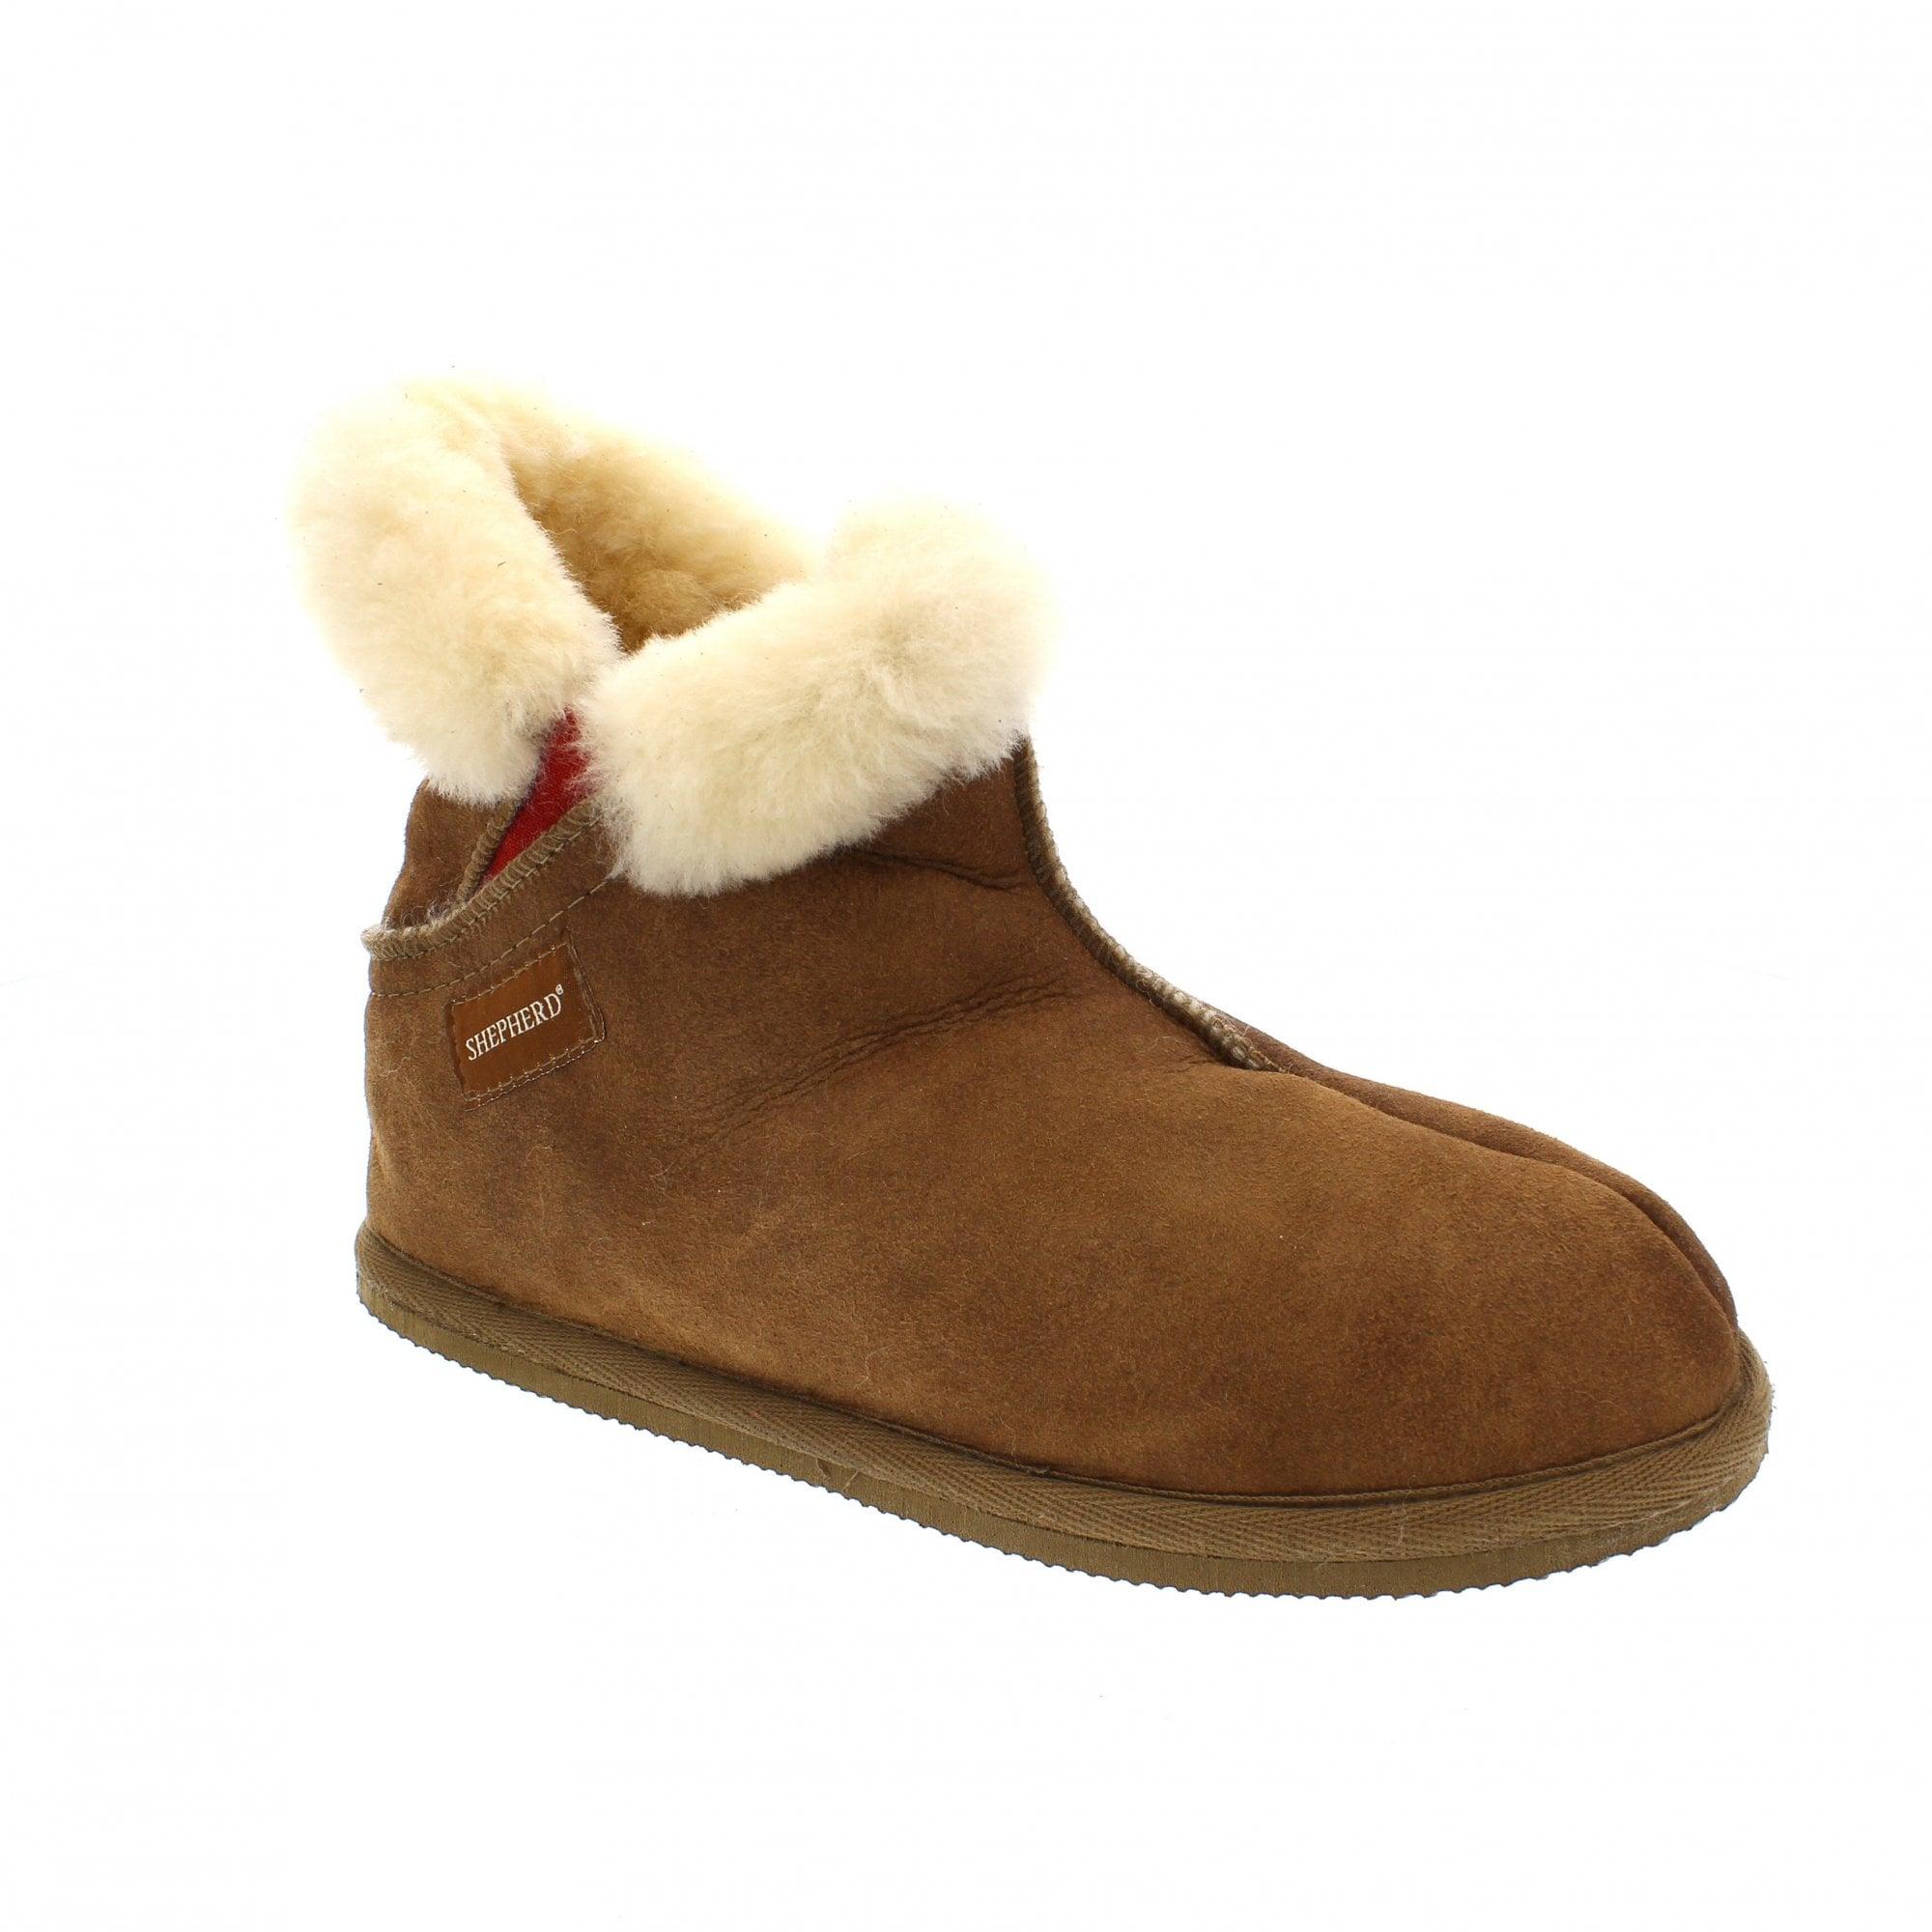 64ccbc98193c Shepherd Of Sweden Bella 2272.52 Full Slippers